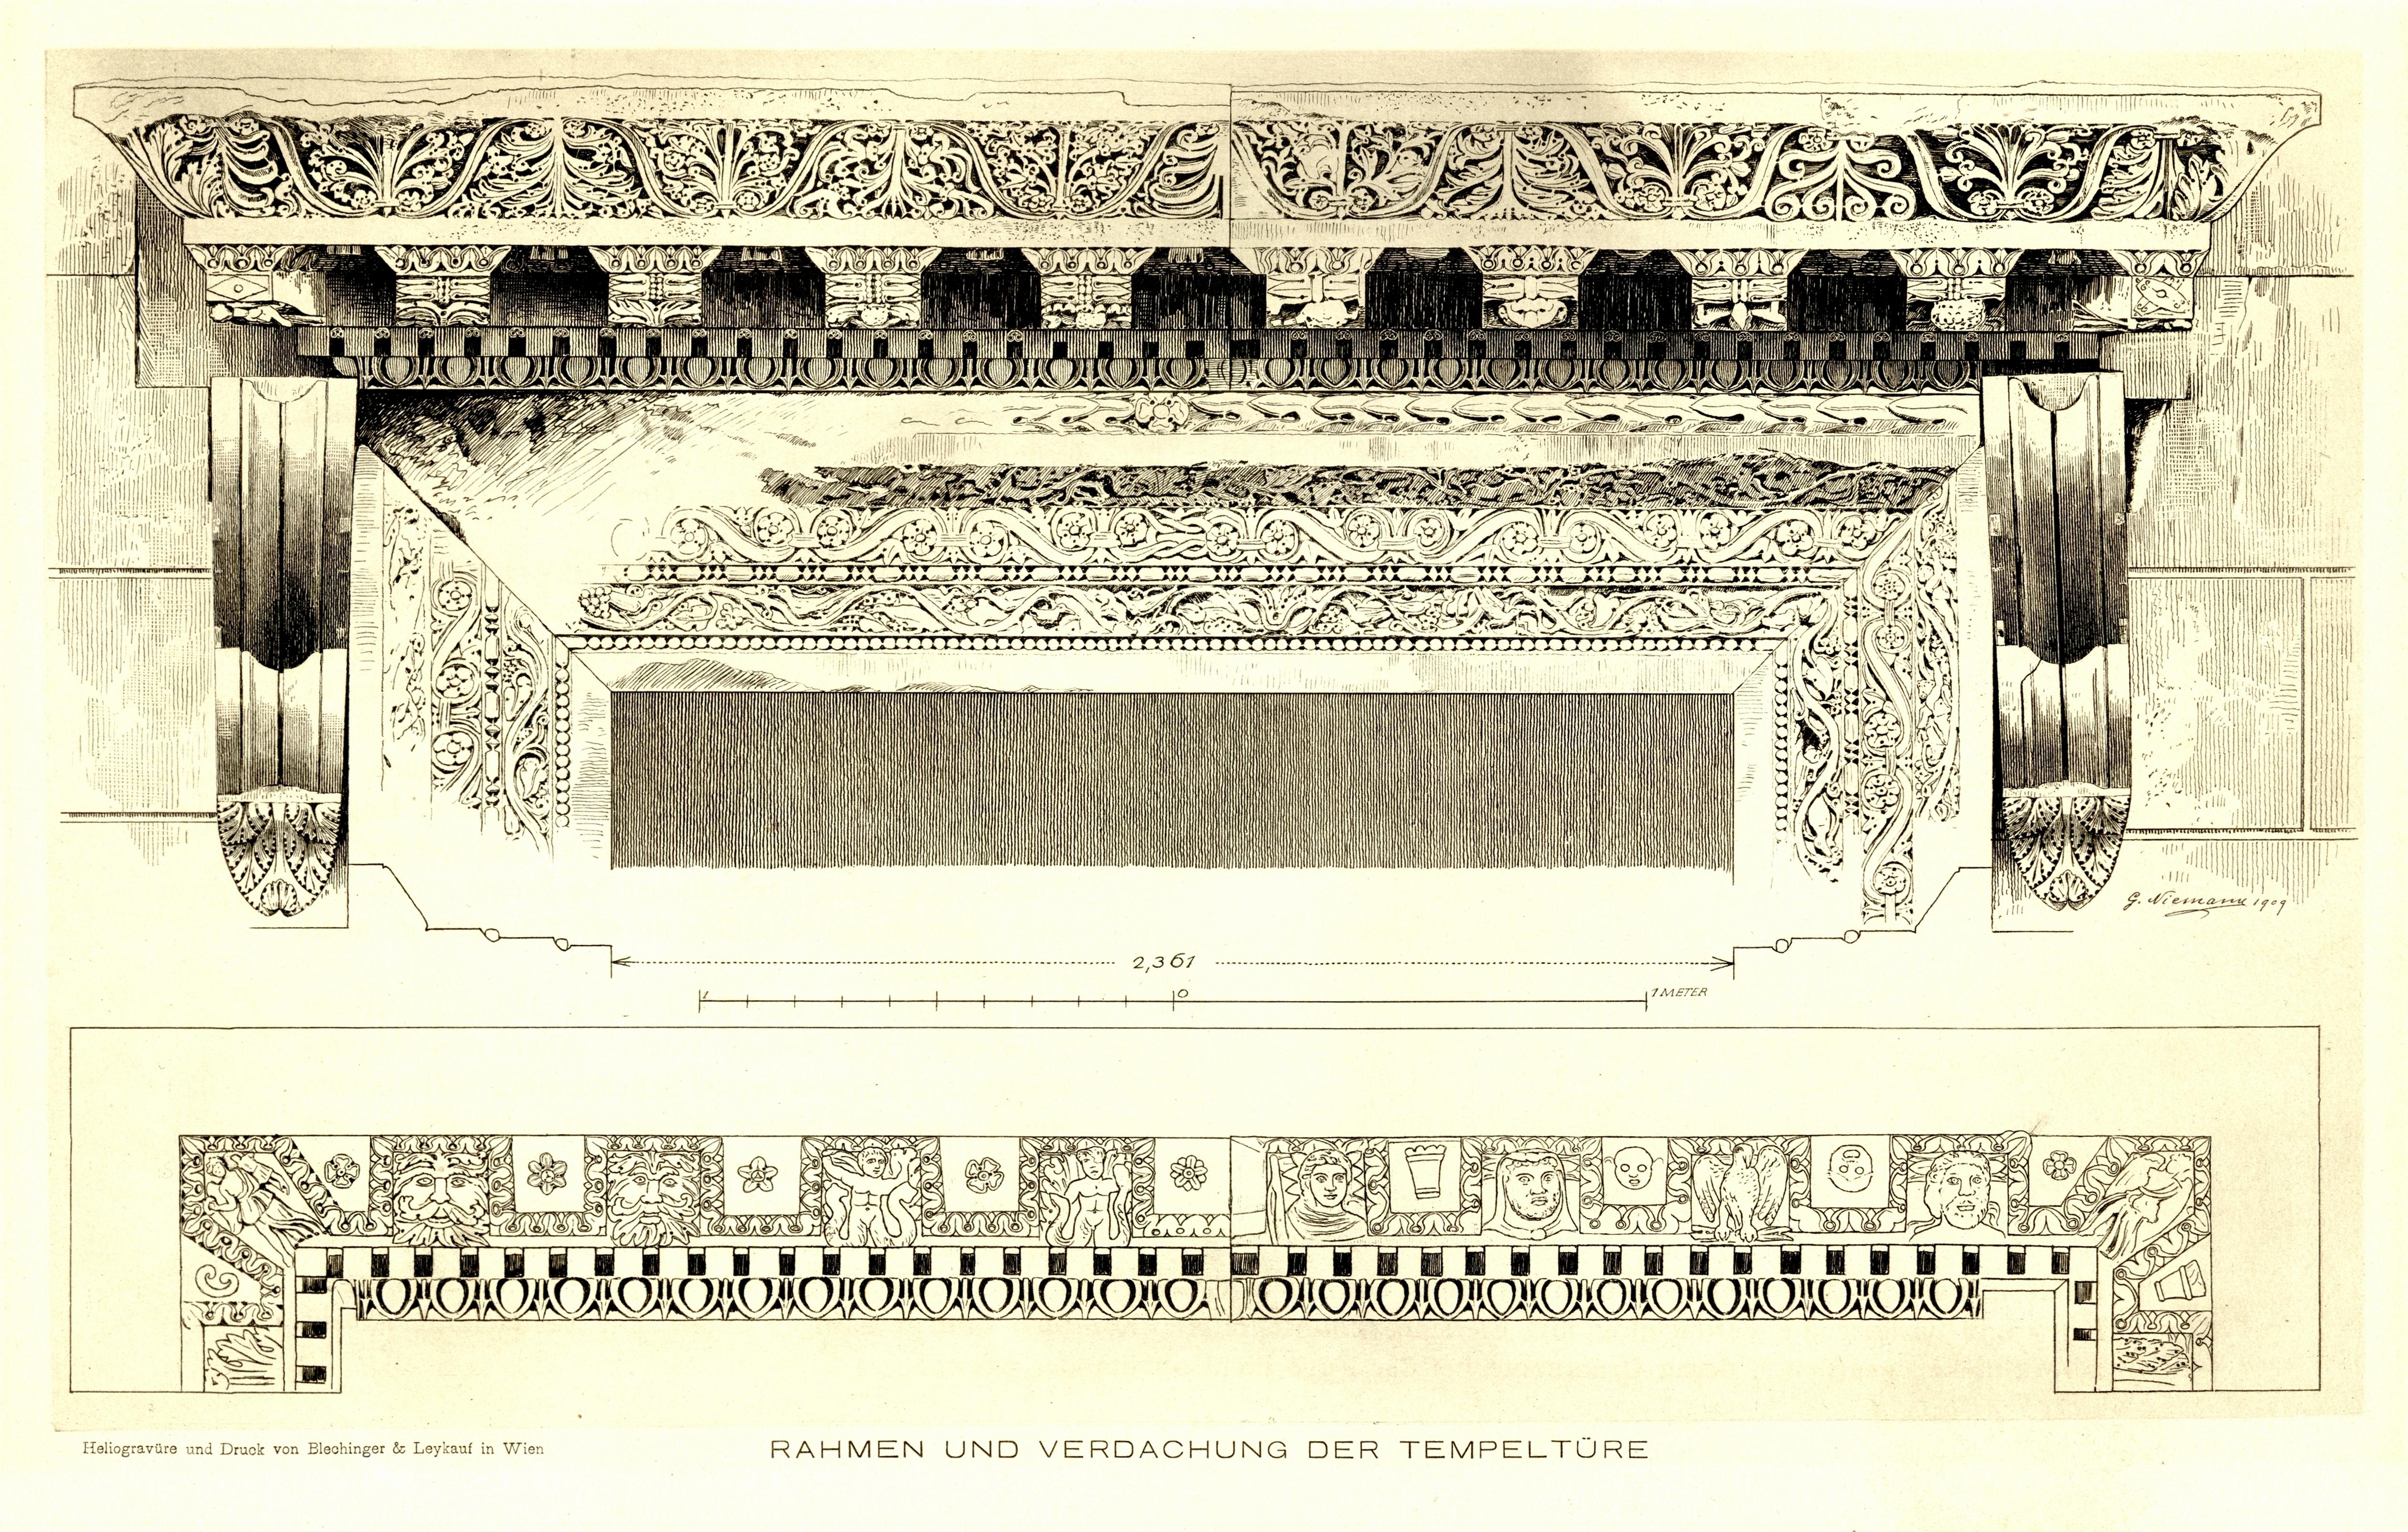 File:Tafel 17 Rahmen und Verdachung der Tempeltüre.jpg - Wikimedia ...